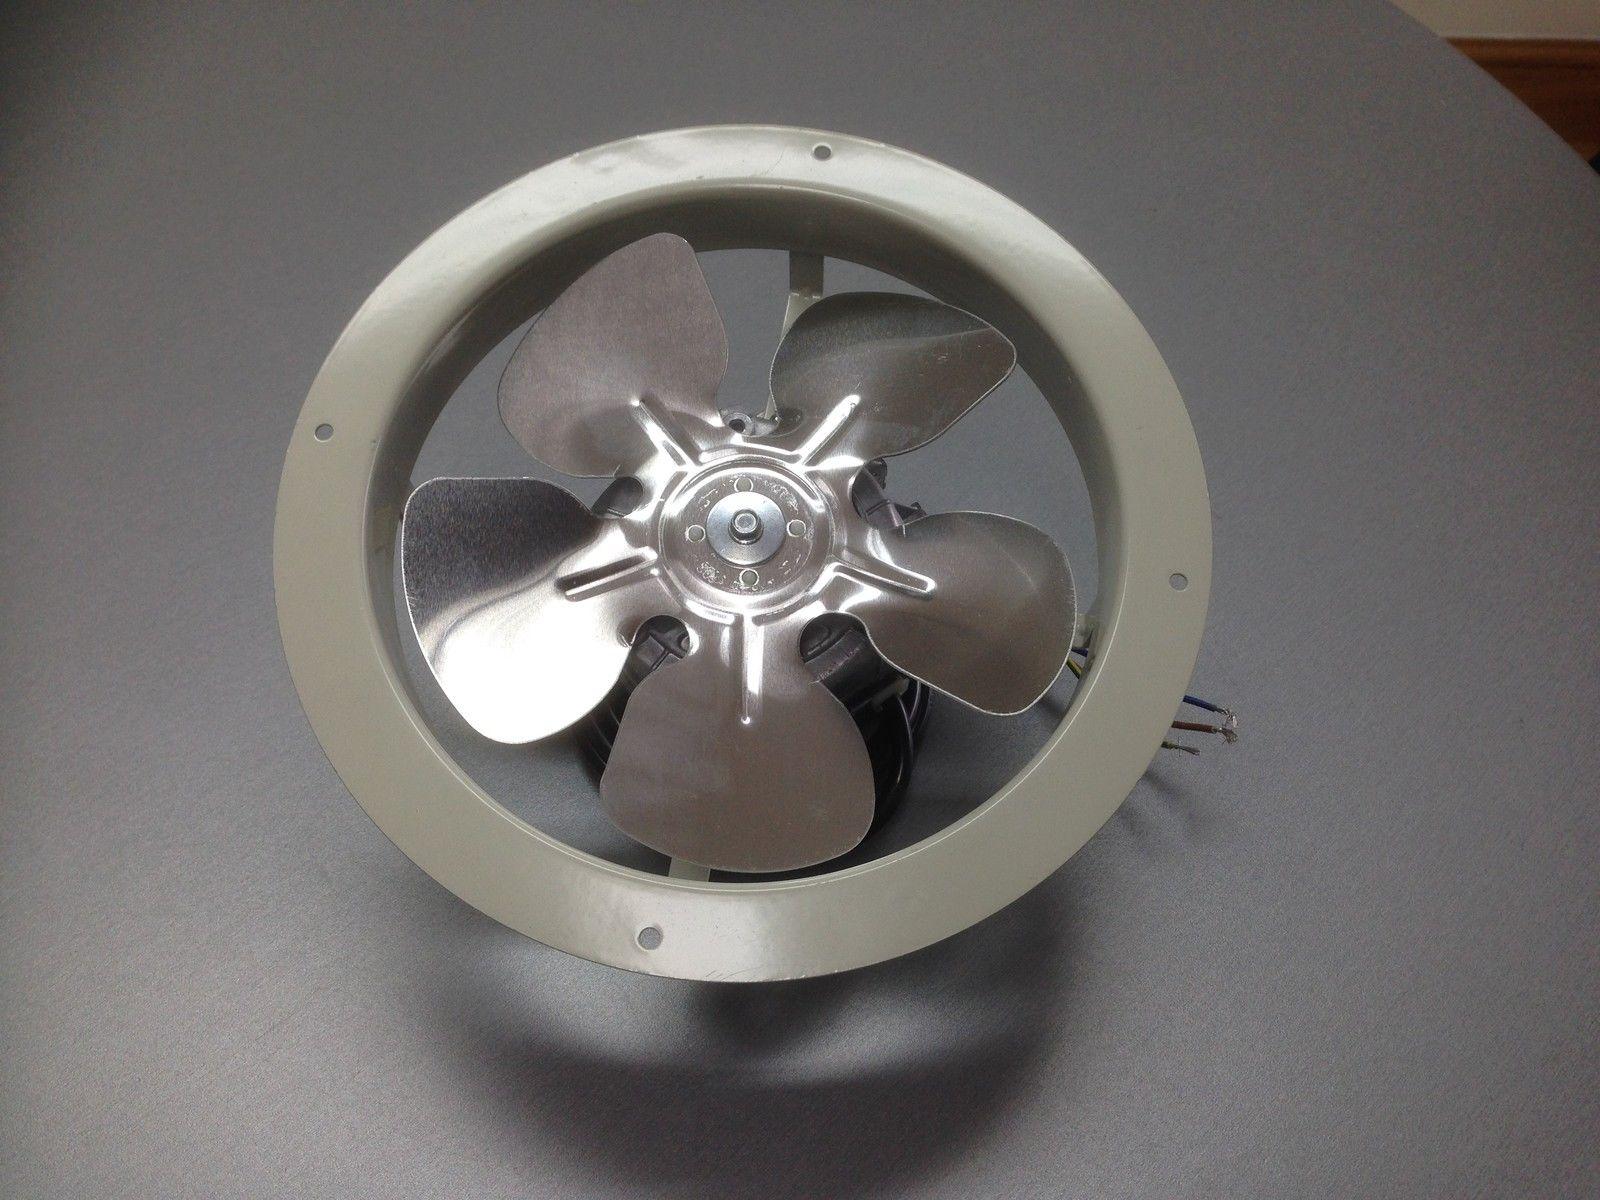 Ring Mounted Fan Motor 10W 60267 200mm